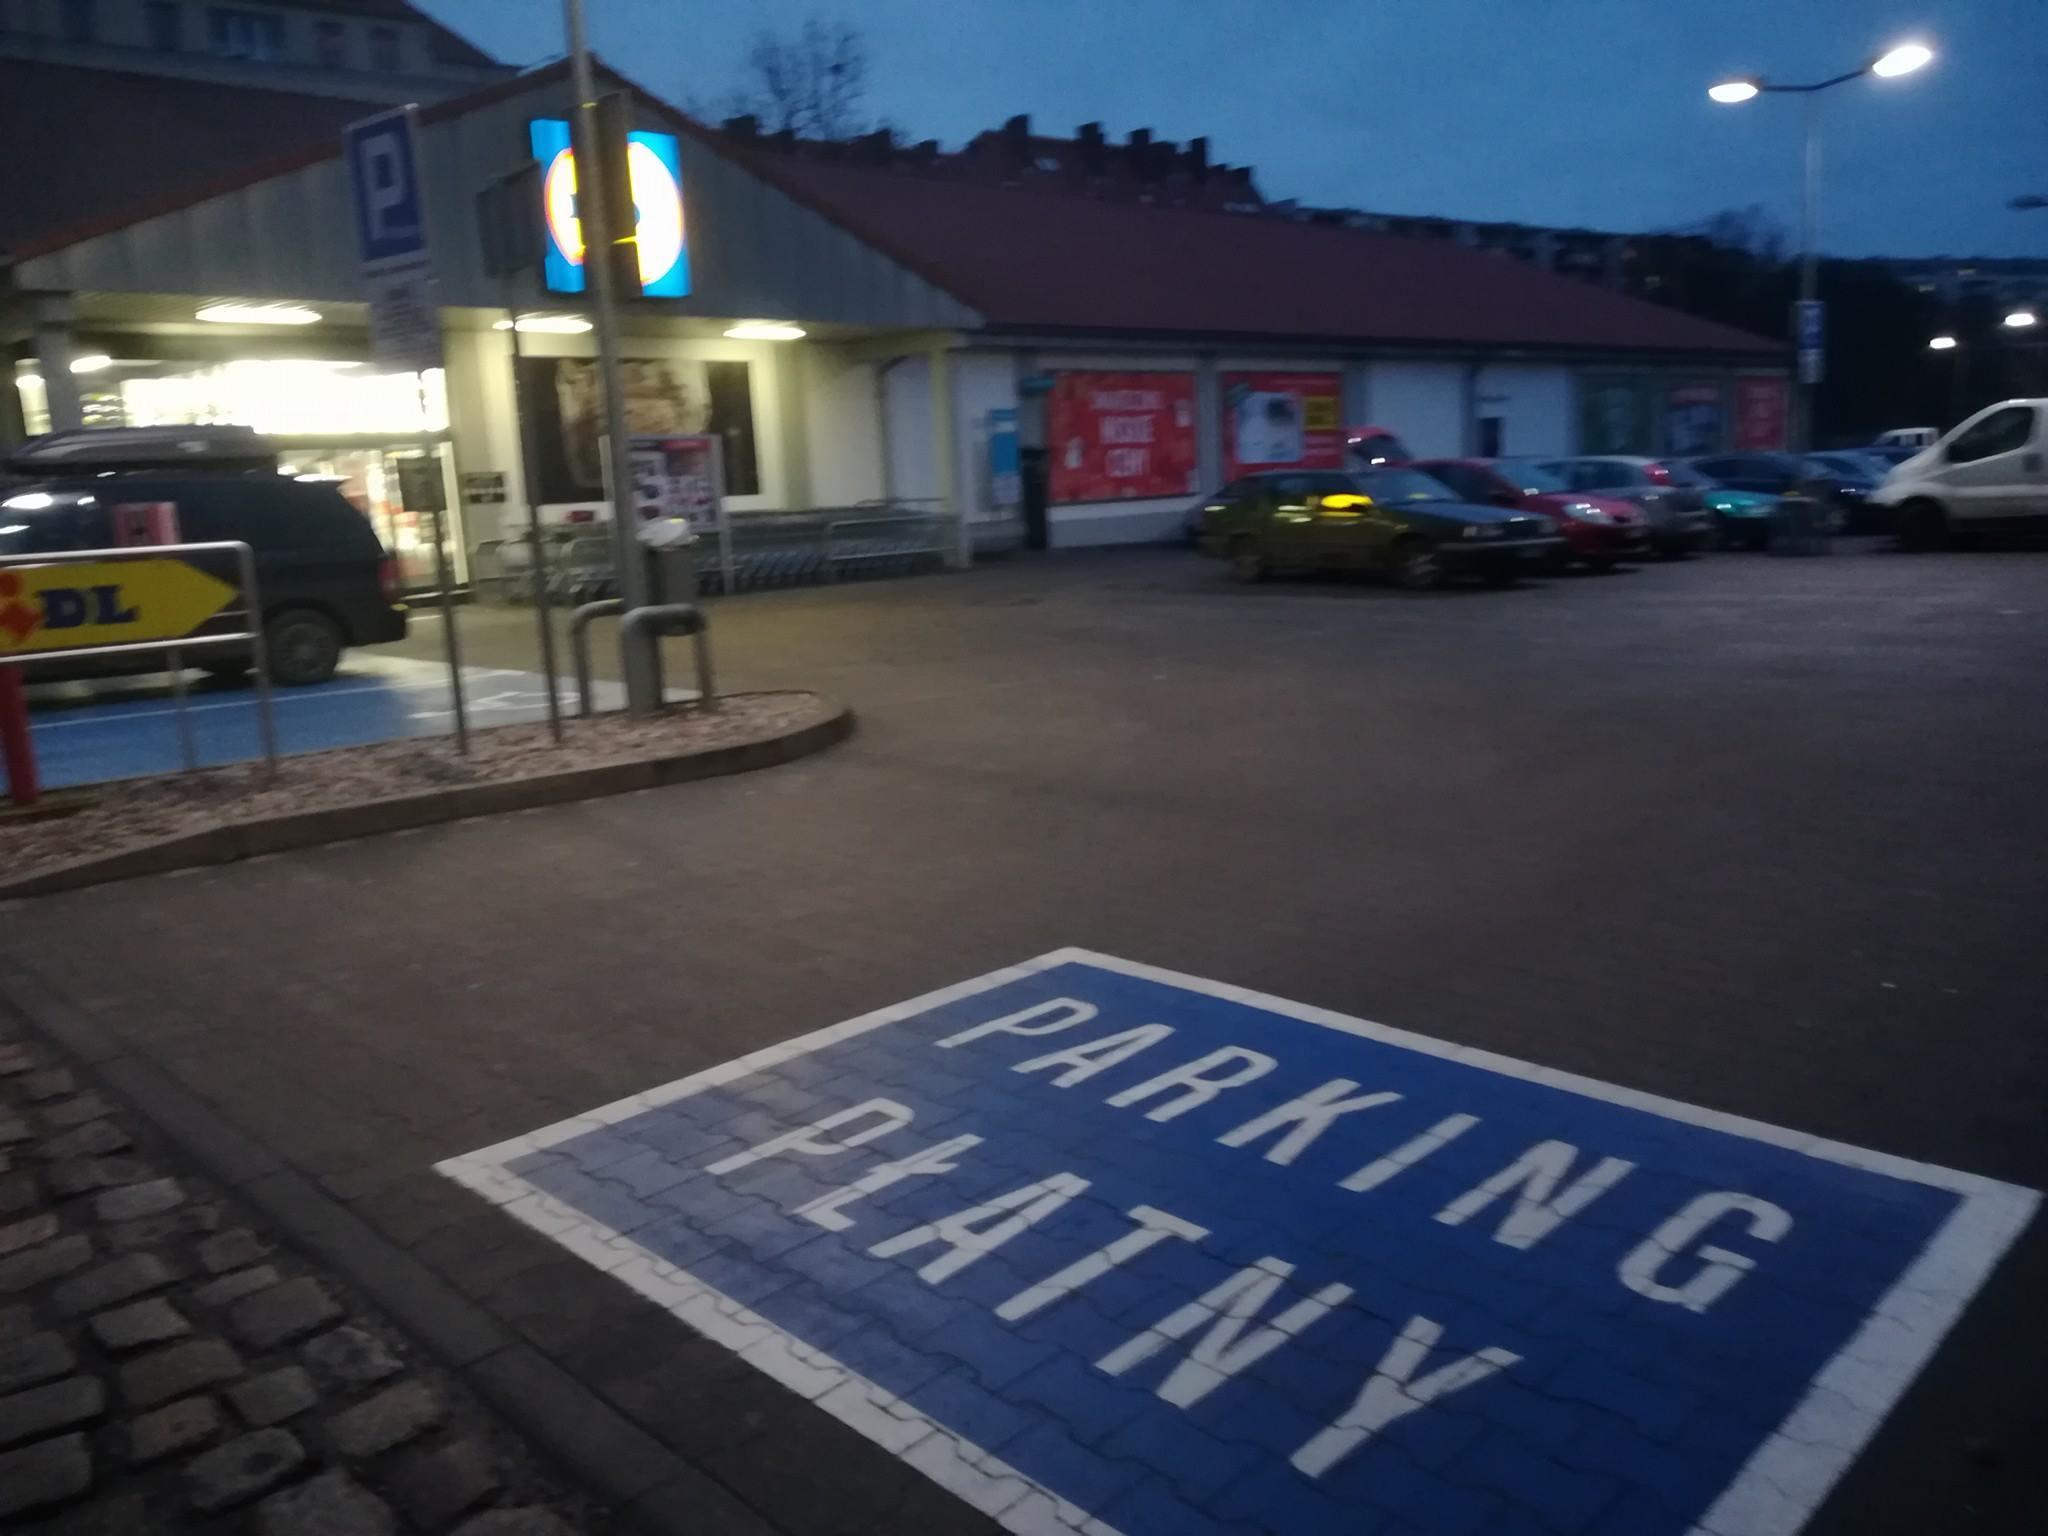 Płatny parking wprowadzono wcześniej m.in. na Szczecińskich Pomorzanach.